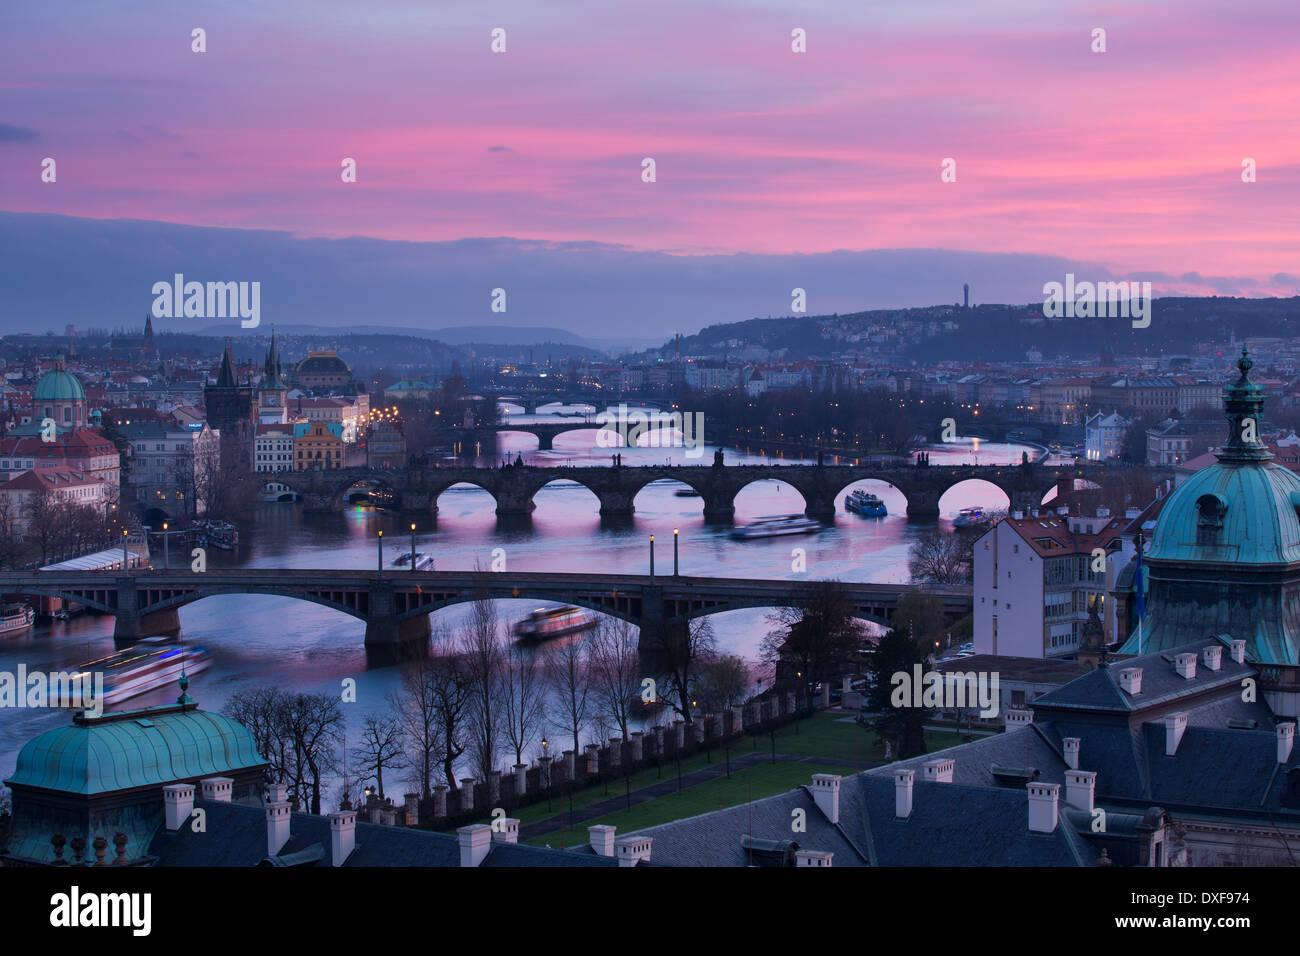 La crinière, Charles et la Légion des ponts sur la rivière Vltava, au crépuscule, avec la vieille ville, sur la gauche, Prague, République Tchèque Photo Stock